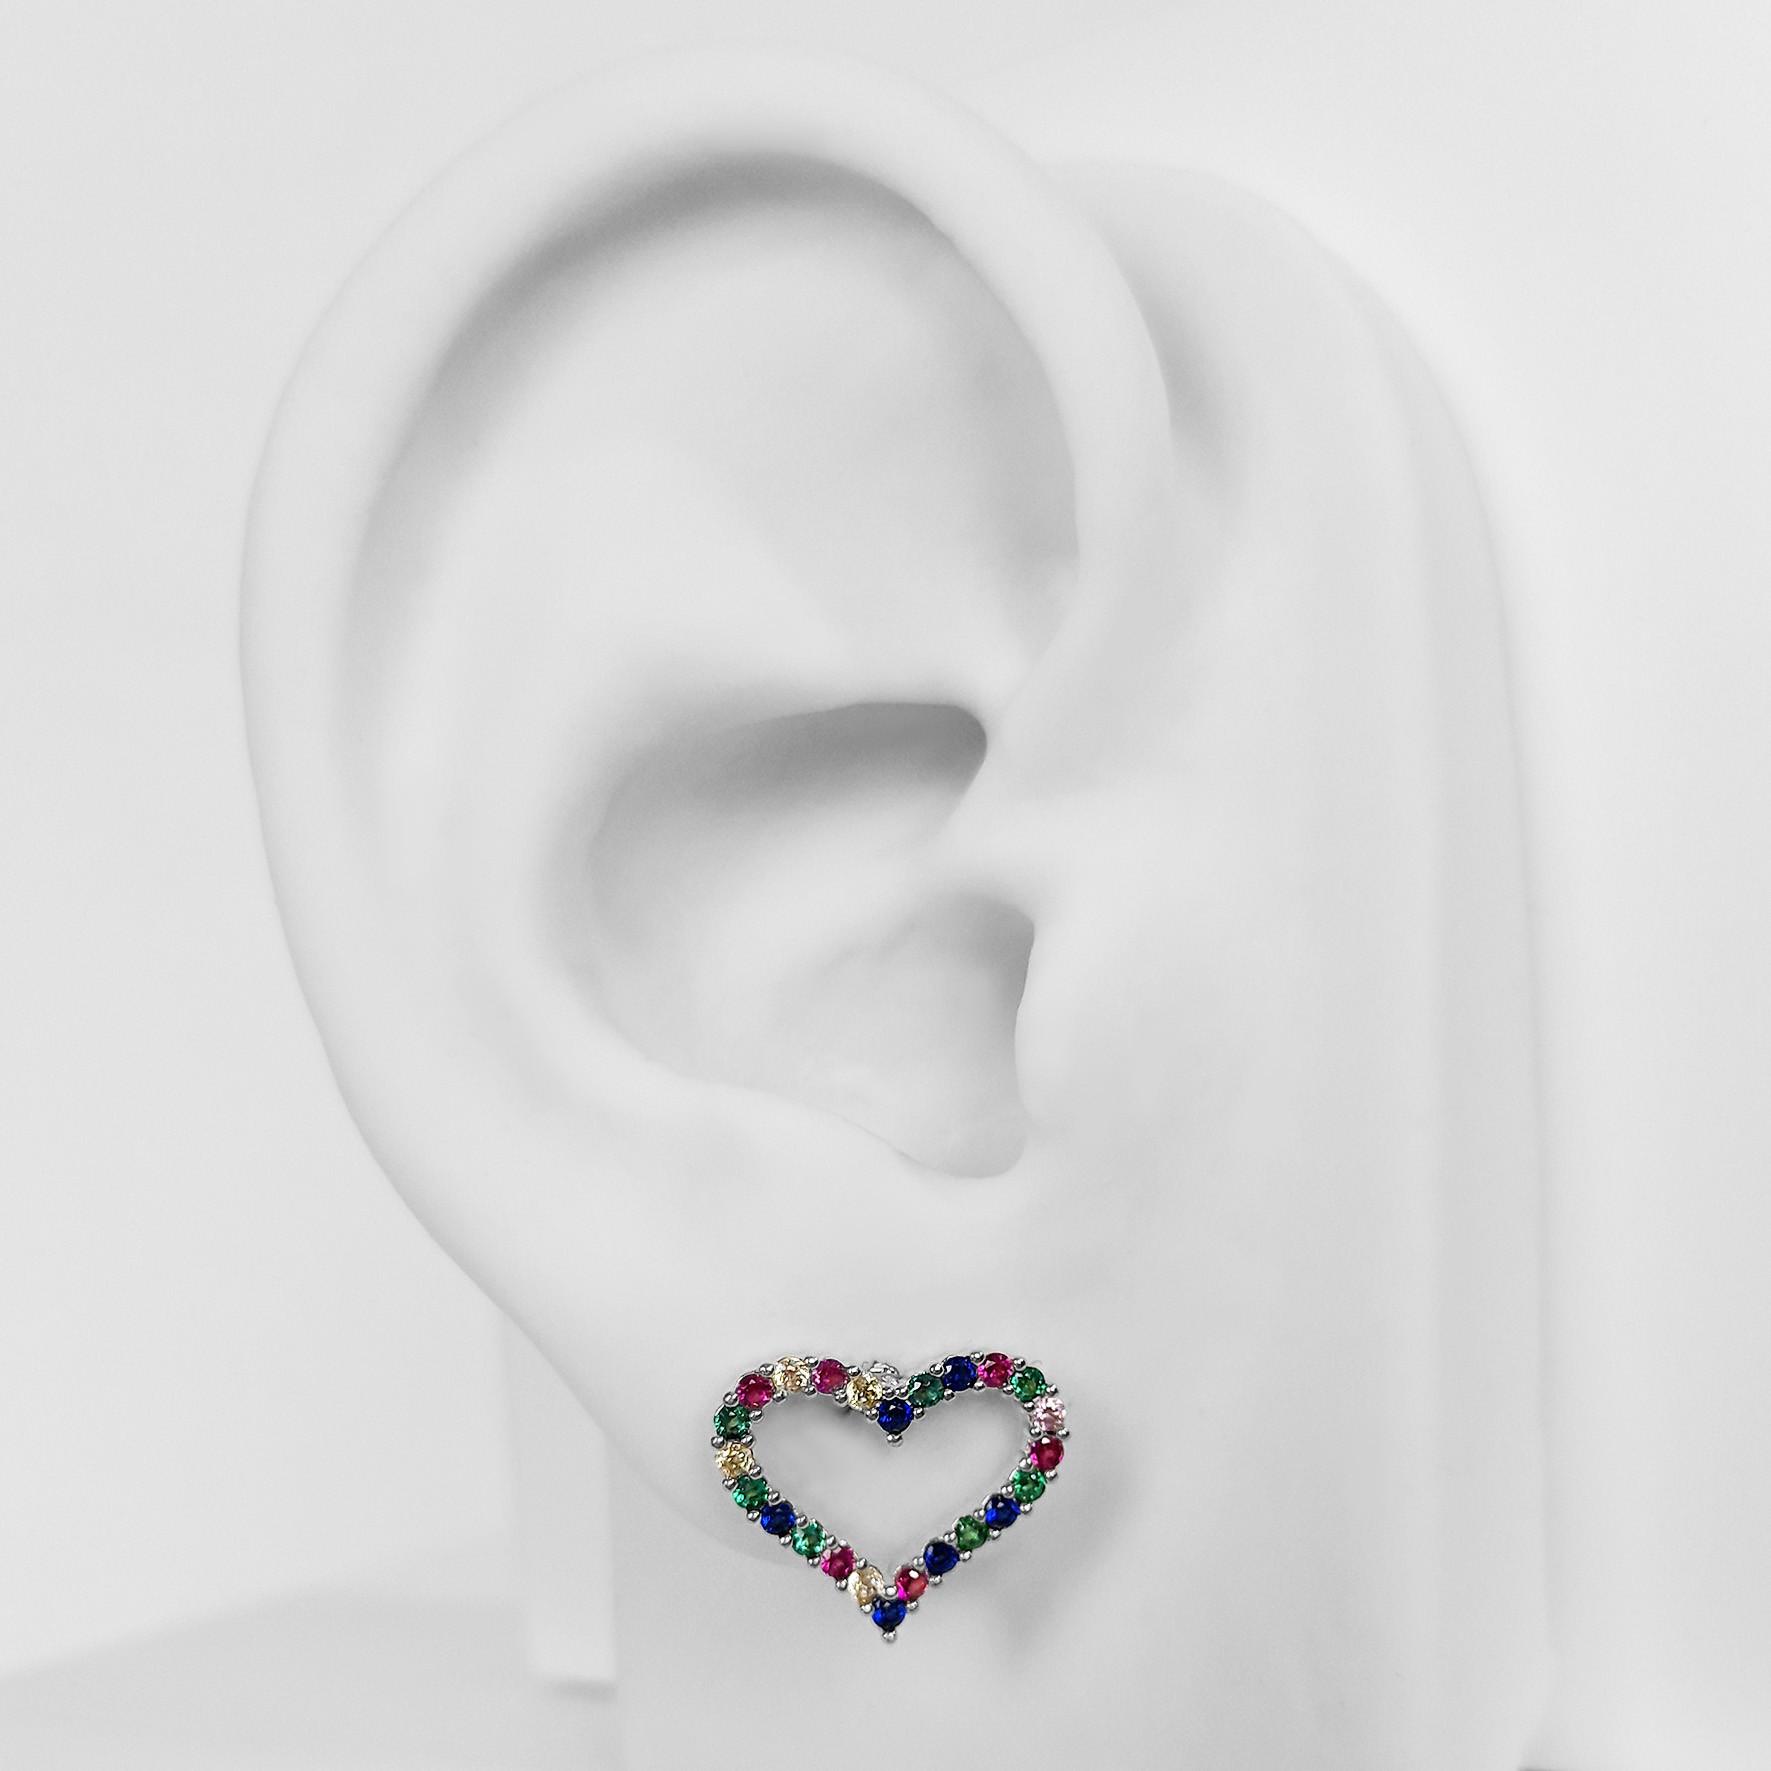 Brinco Pequeno Coração Vazado Zircônia Folheado a Prata 1000  - Lunozê Joias